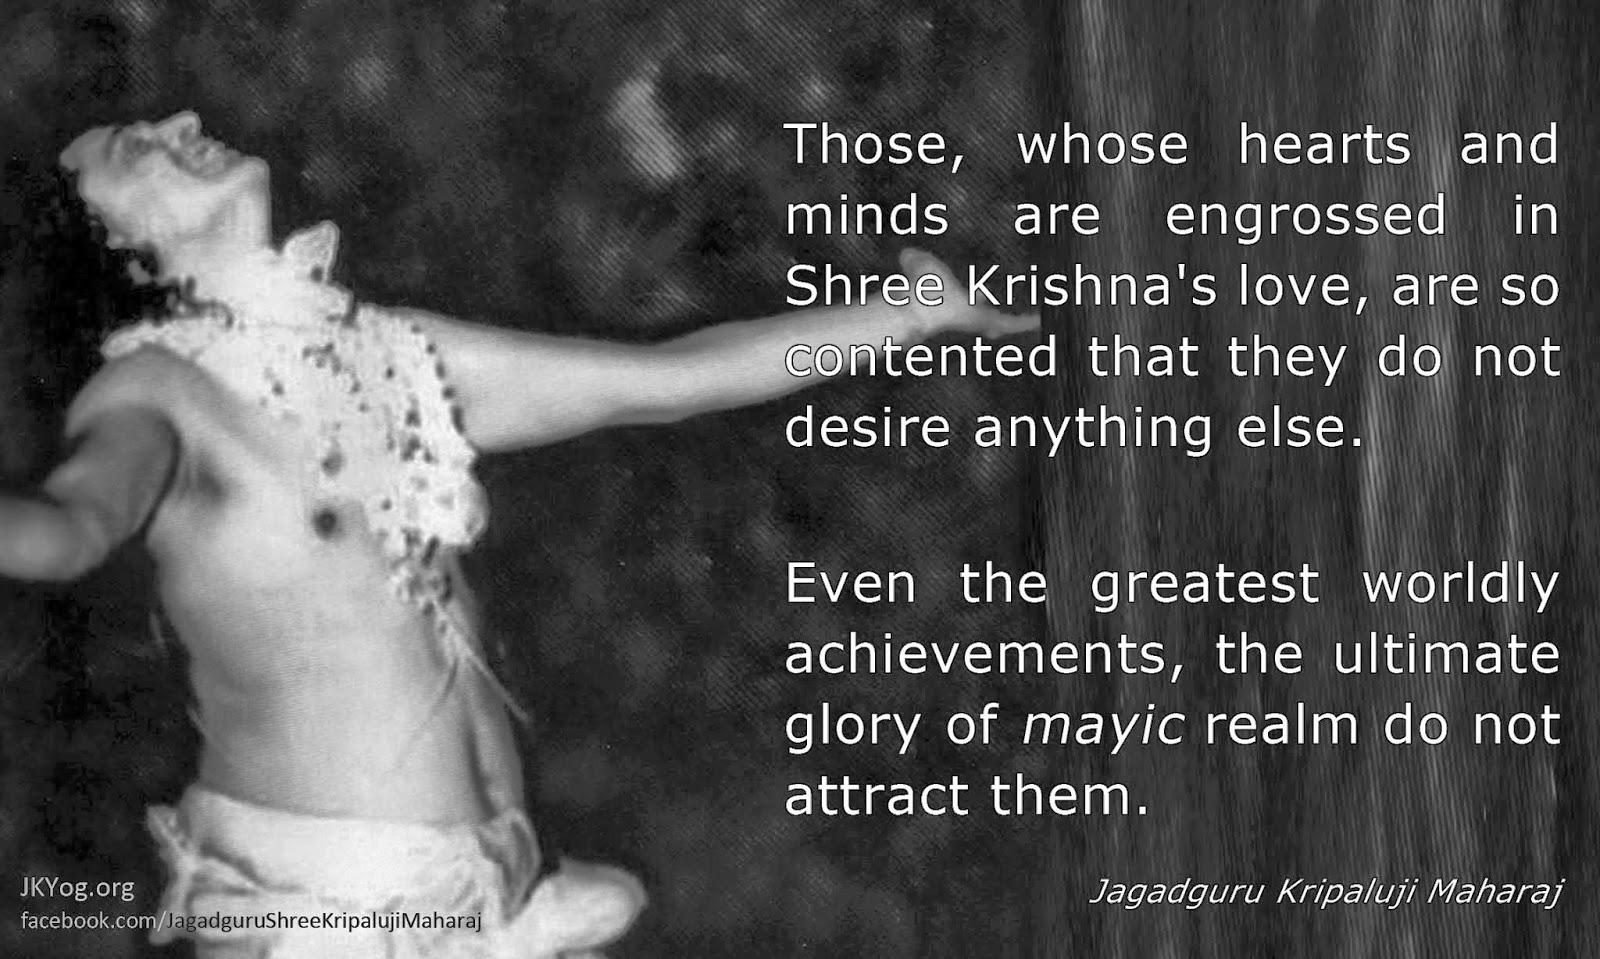 krishna quotes on love quotesgram